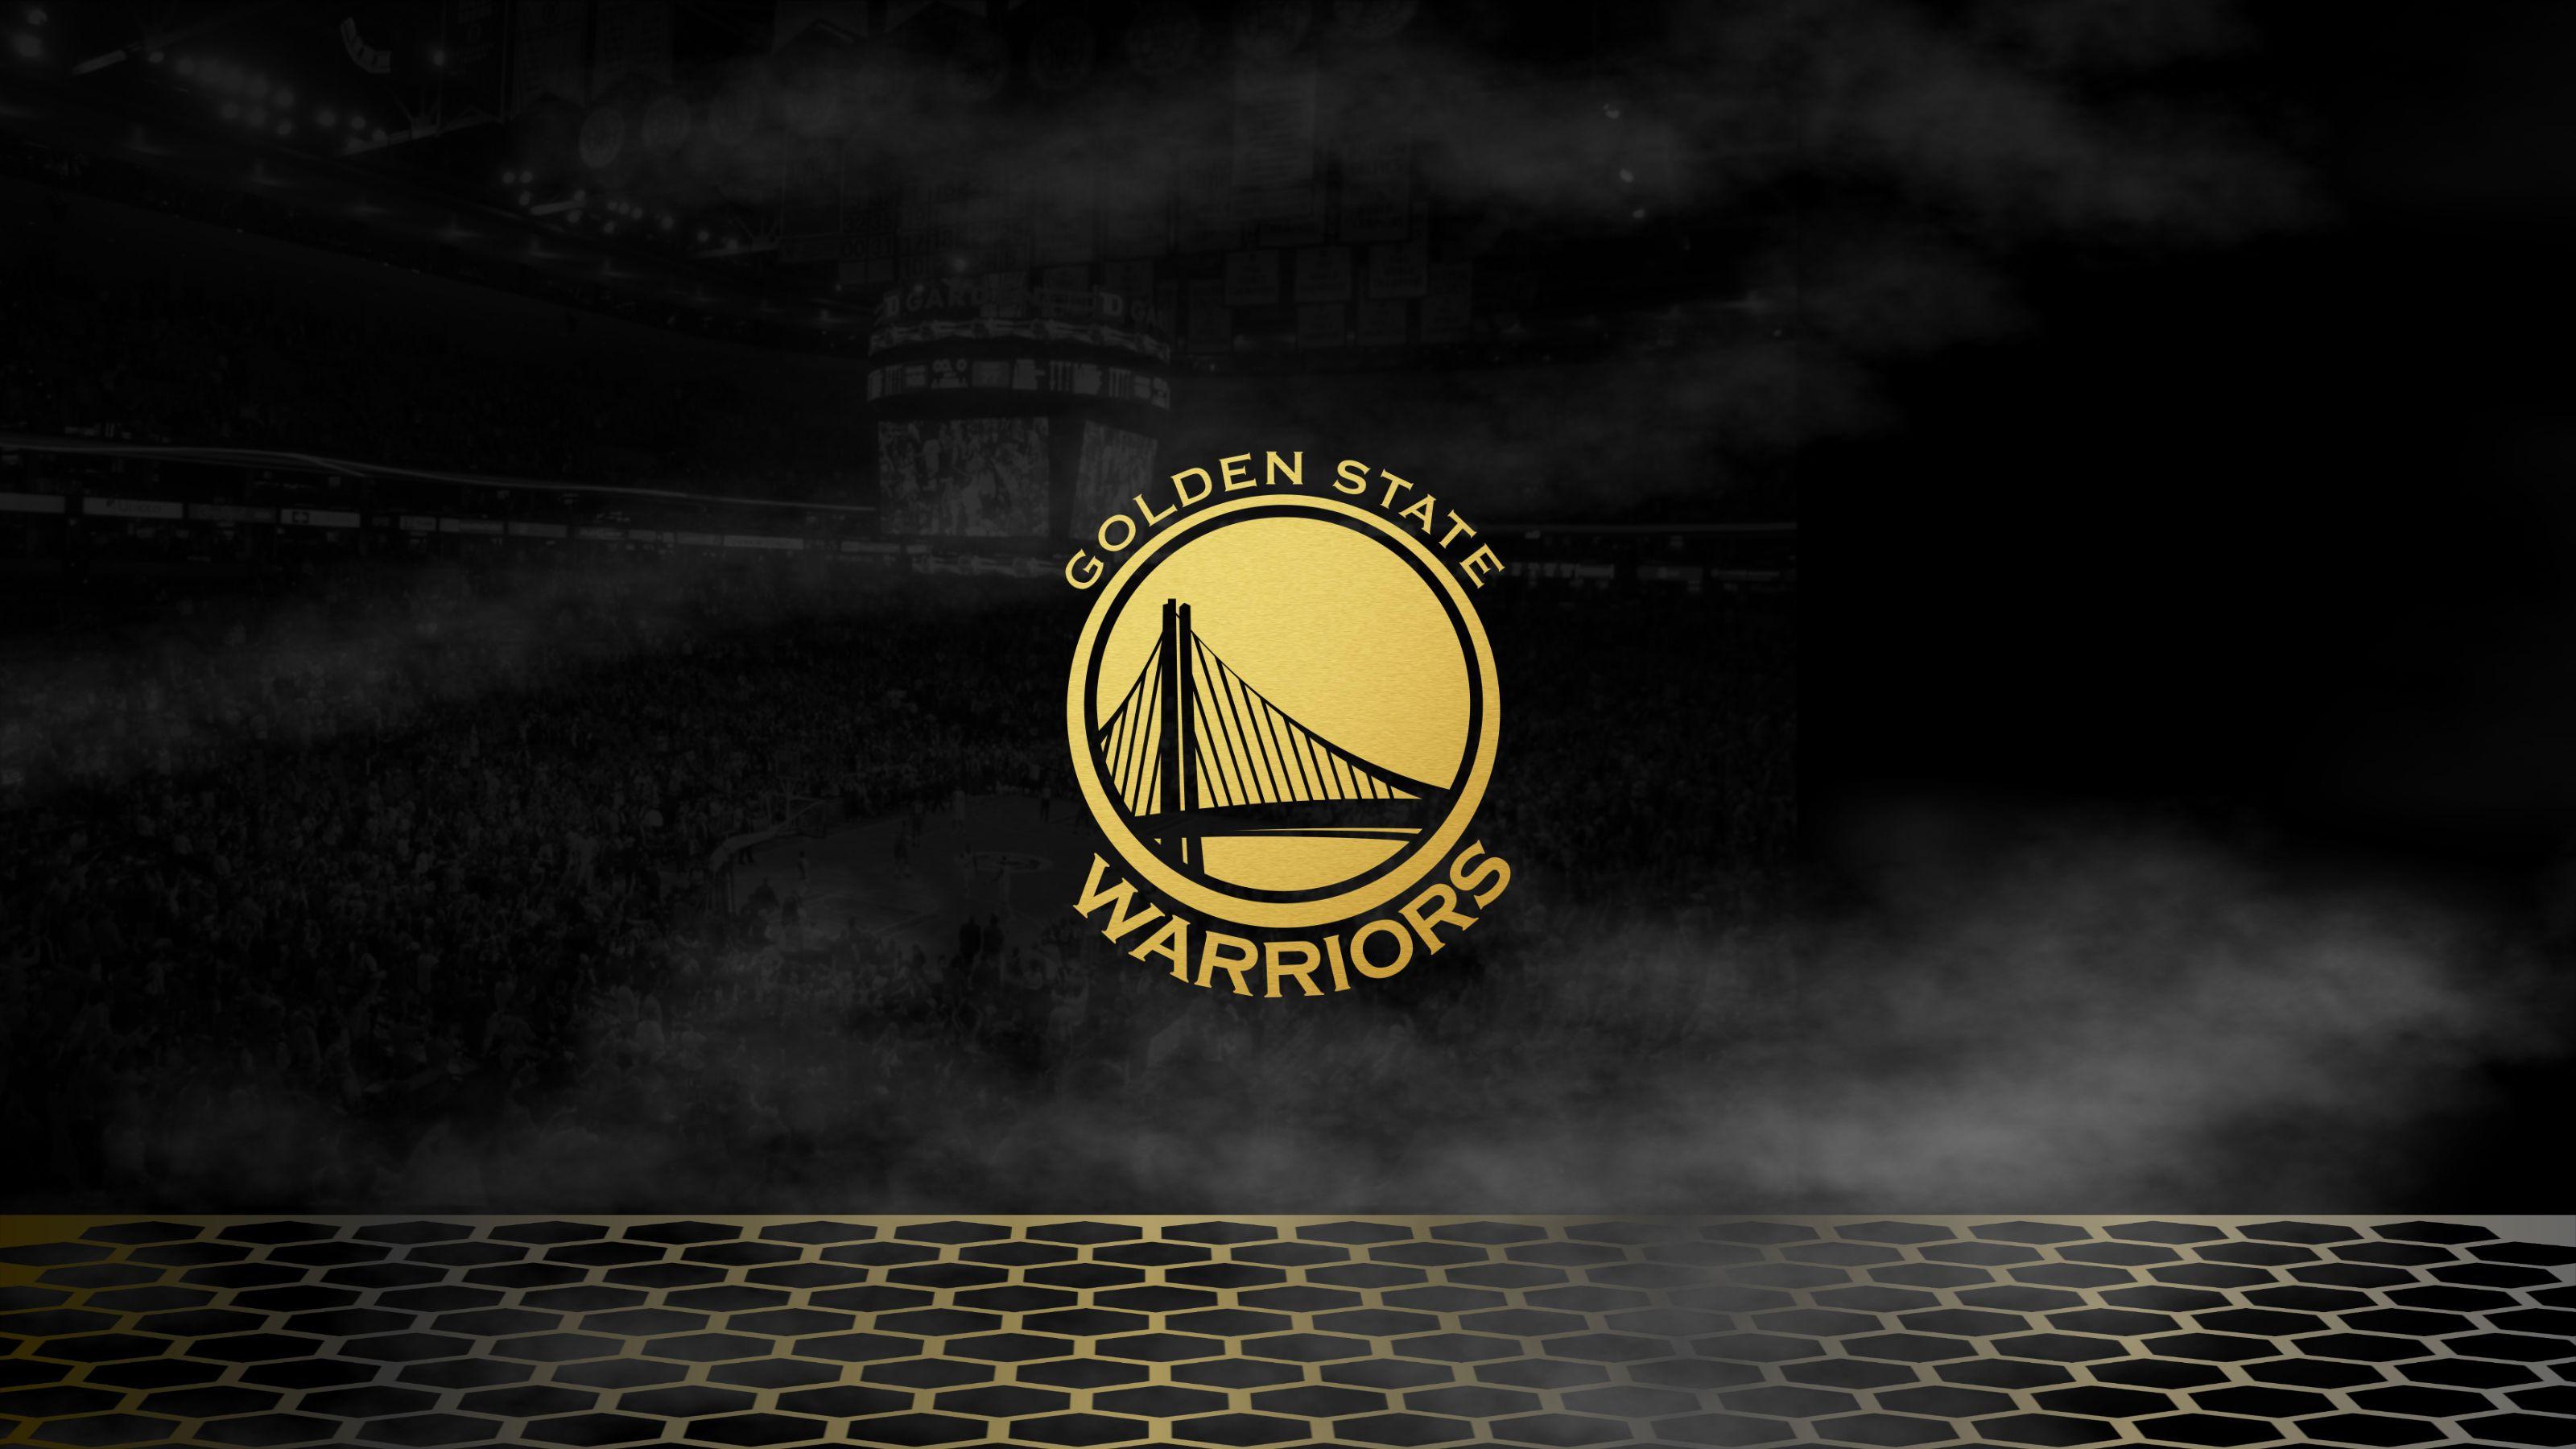 Golden State Warriors Desktop Background Nba Wallpaper